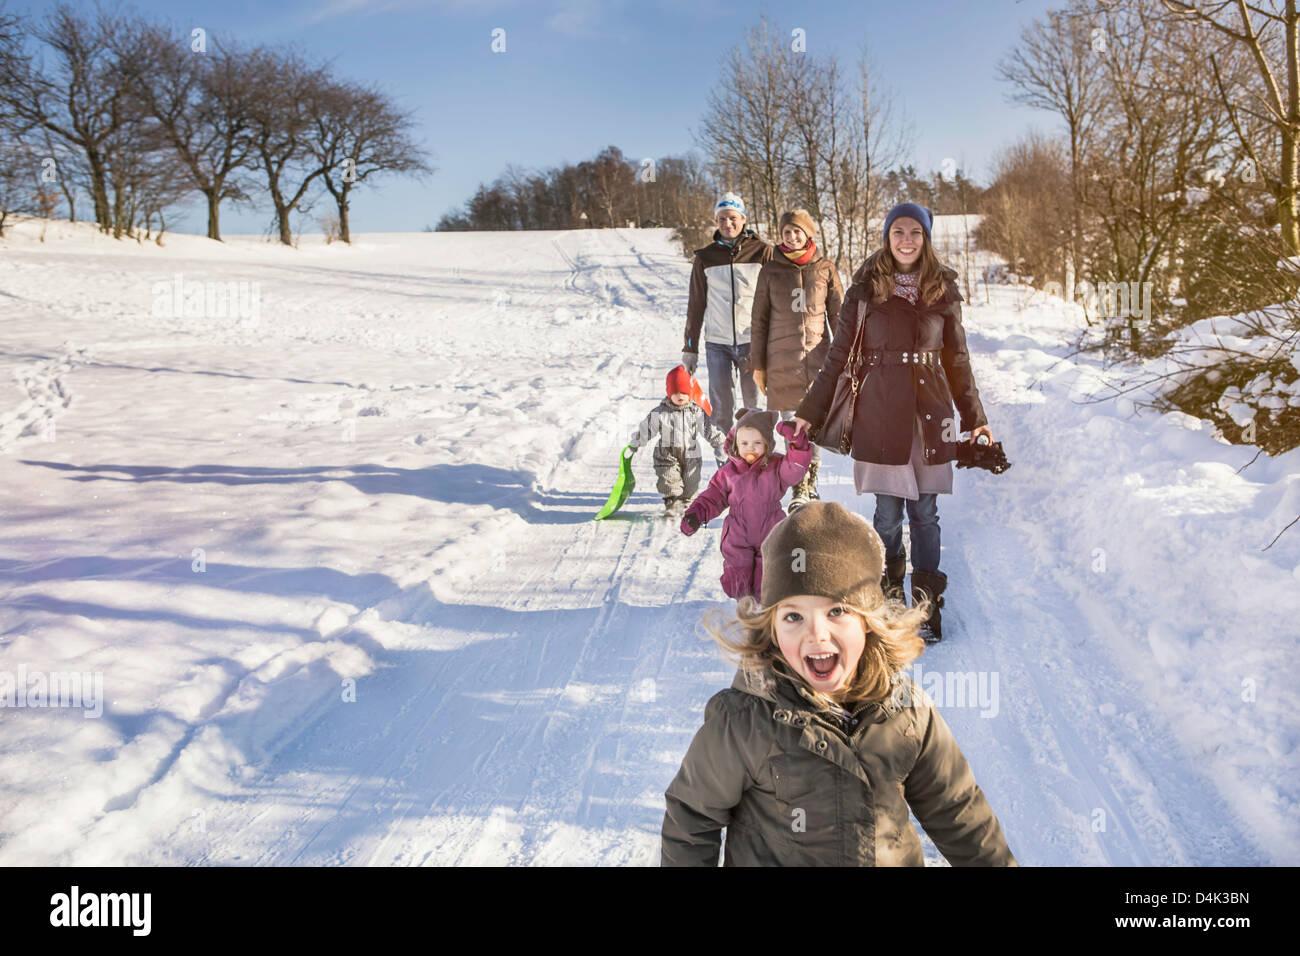 Familia caminando juntos en la nieve Imagen De Stock